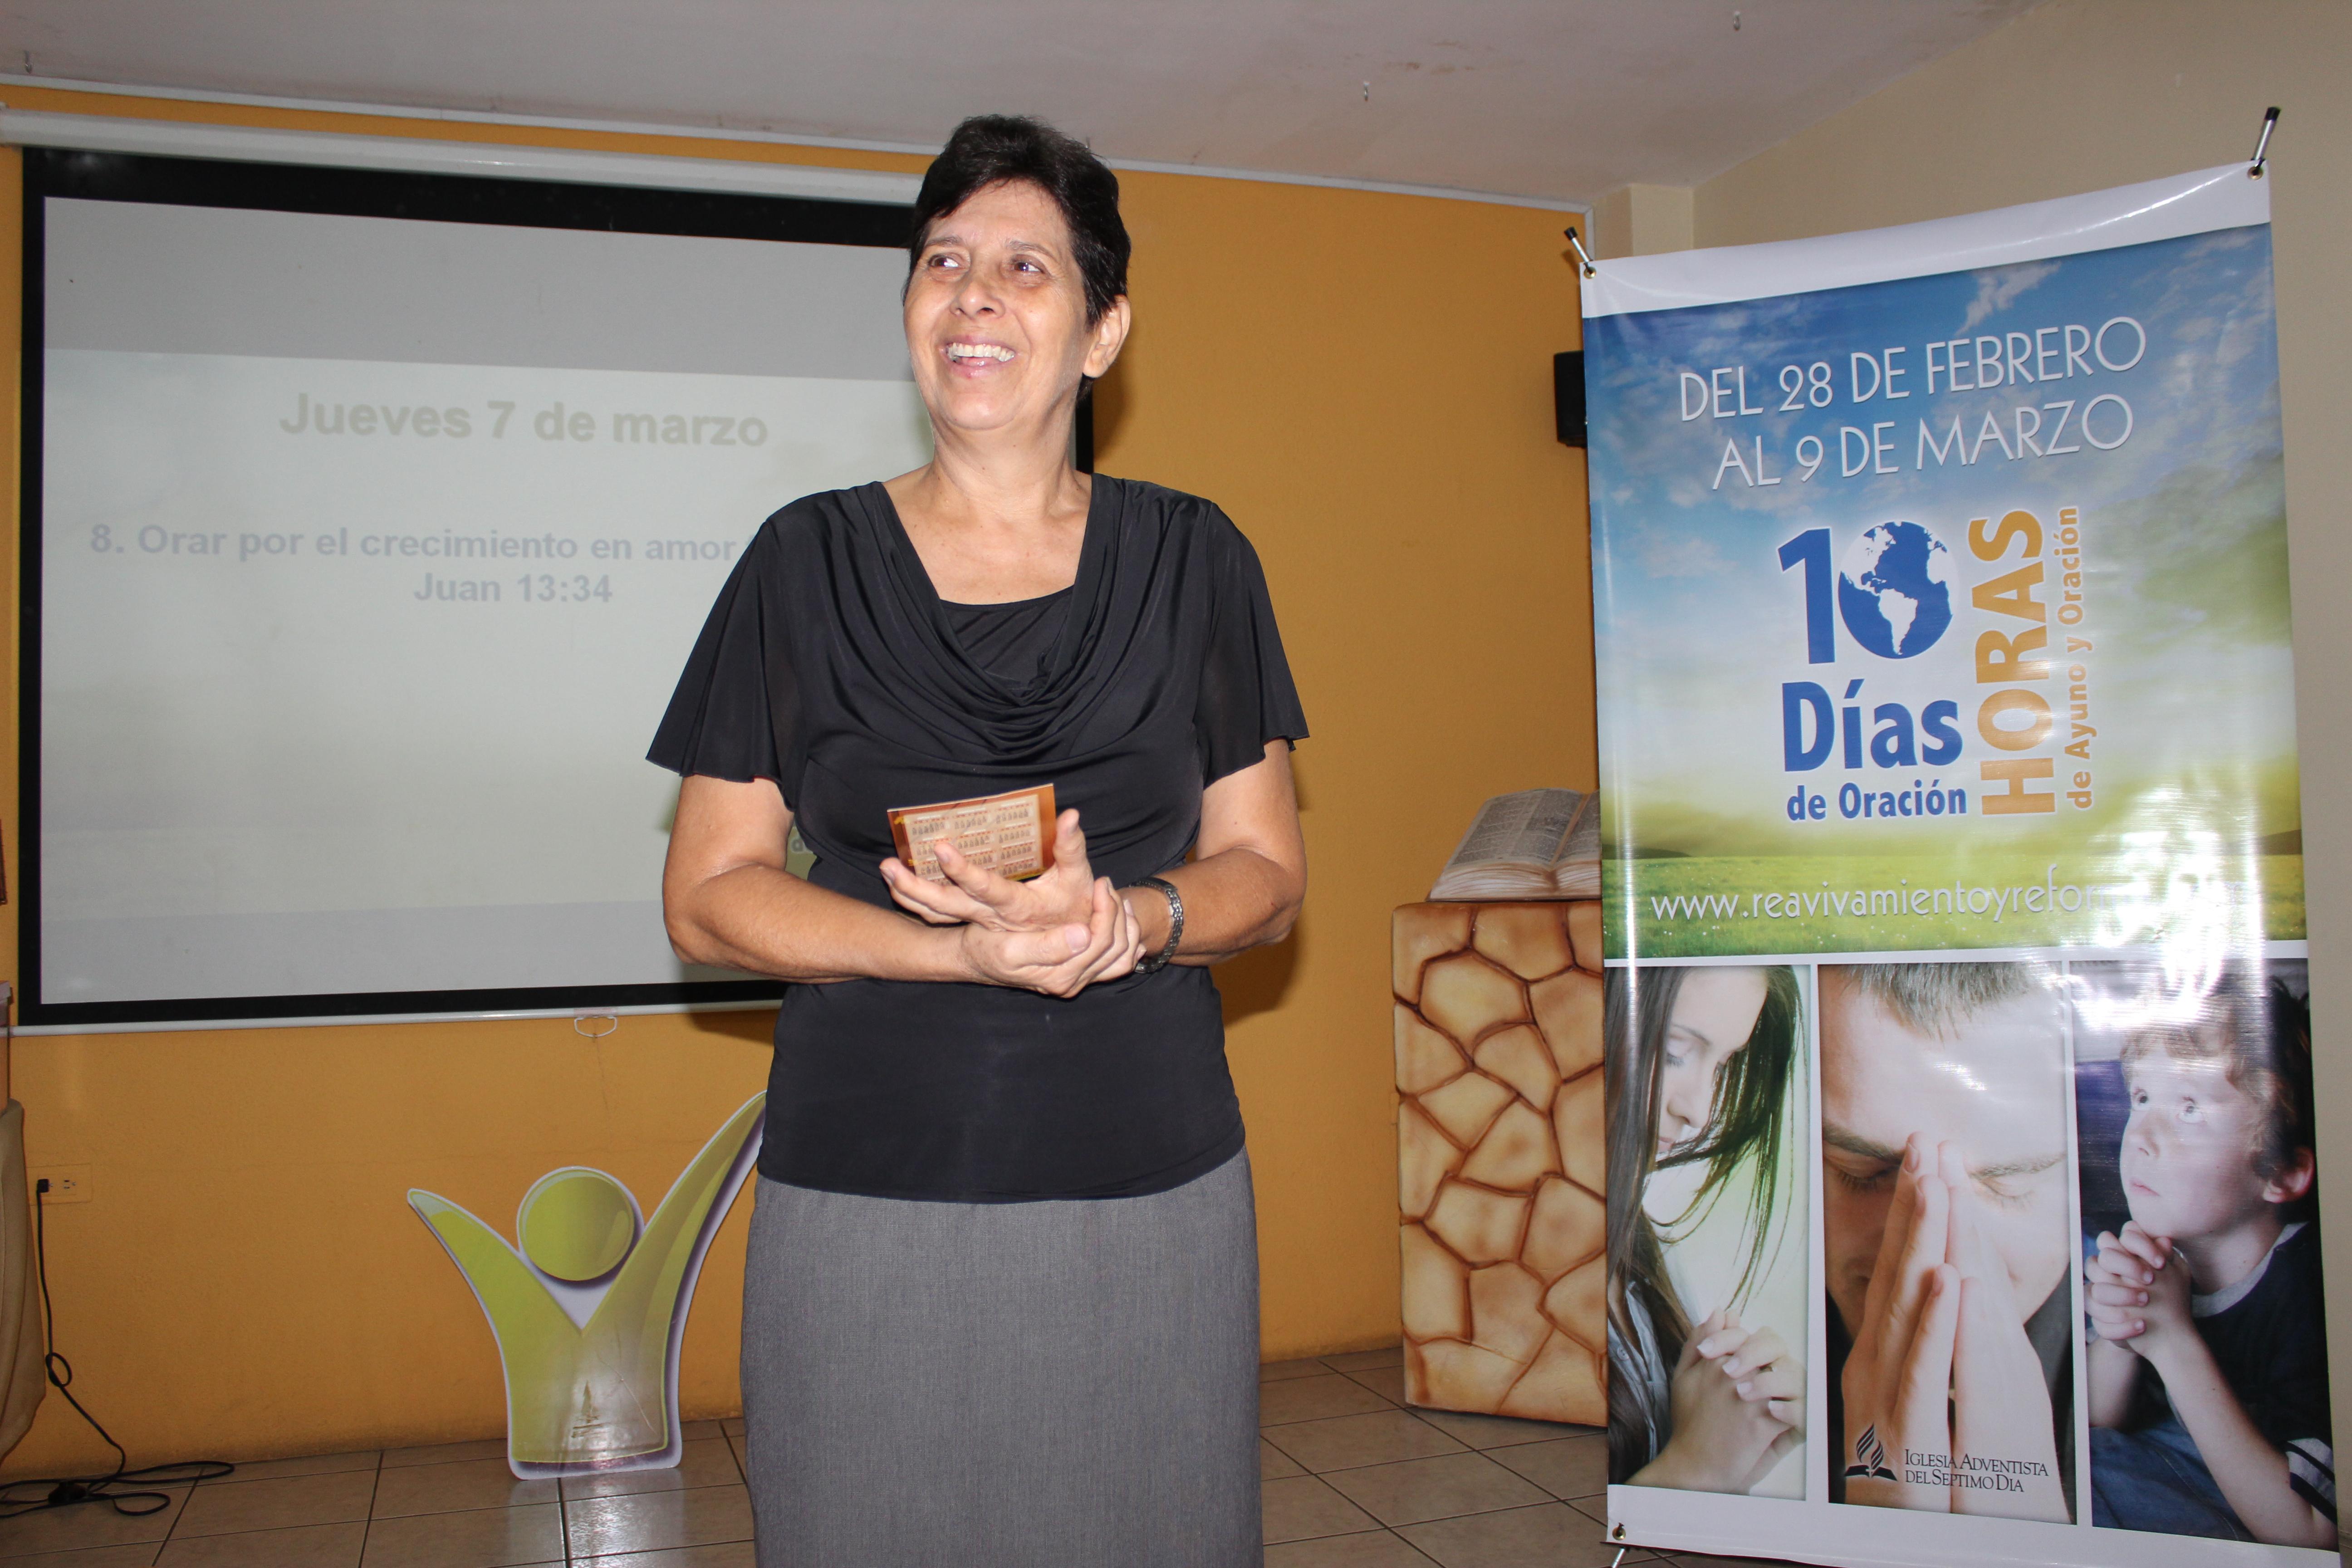 Flor de Sandoval, lideresa del Ministerio de la Mujer en la Misión Ecuatoriana del Sur